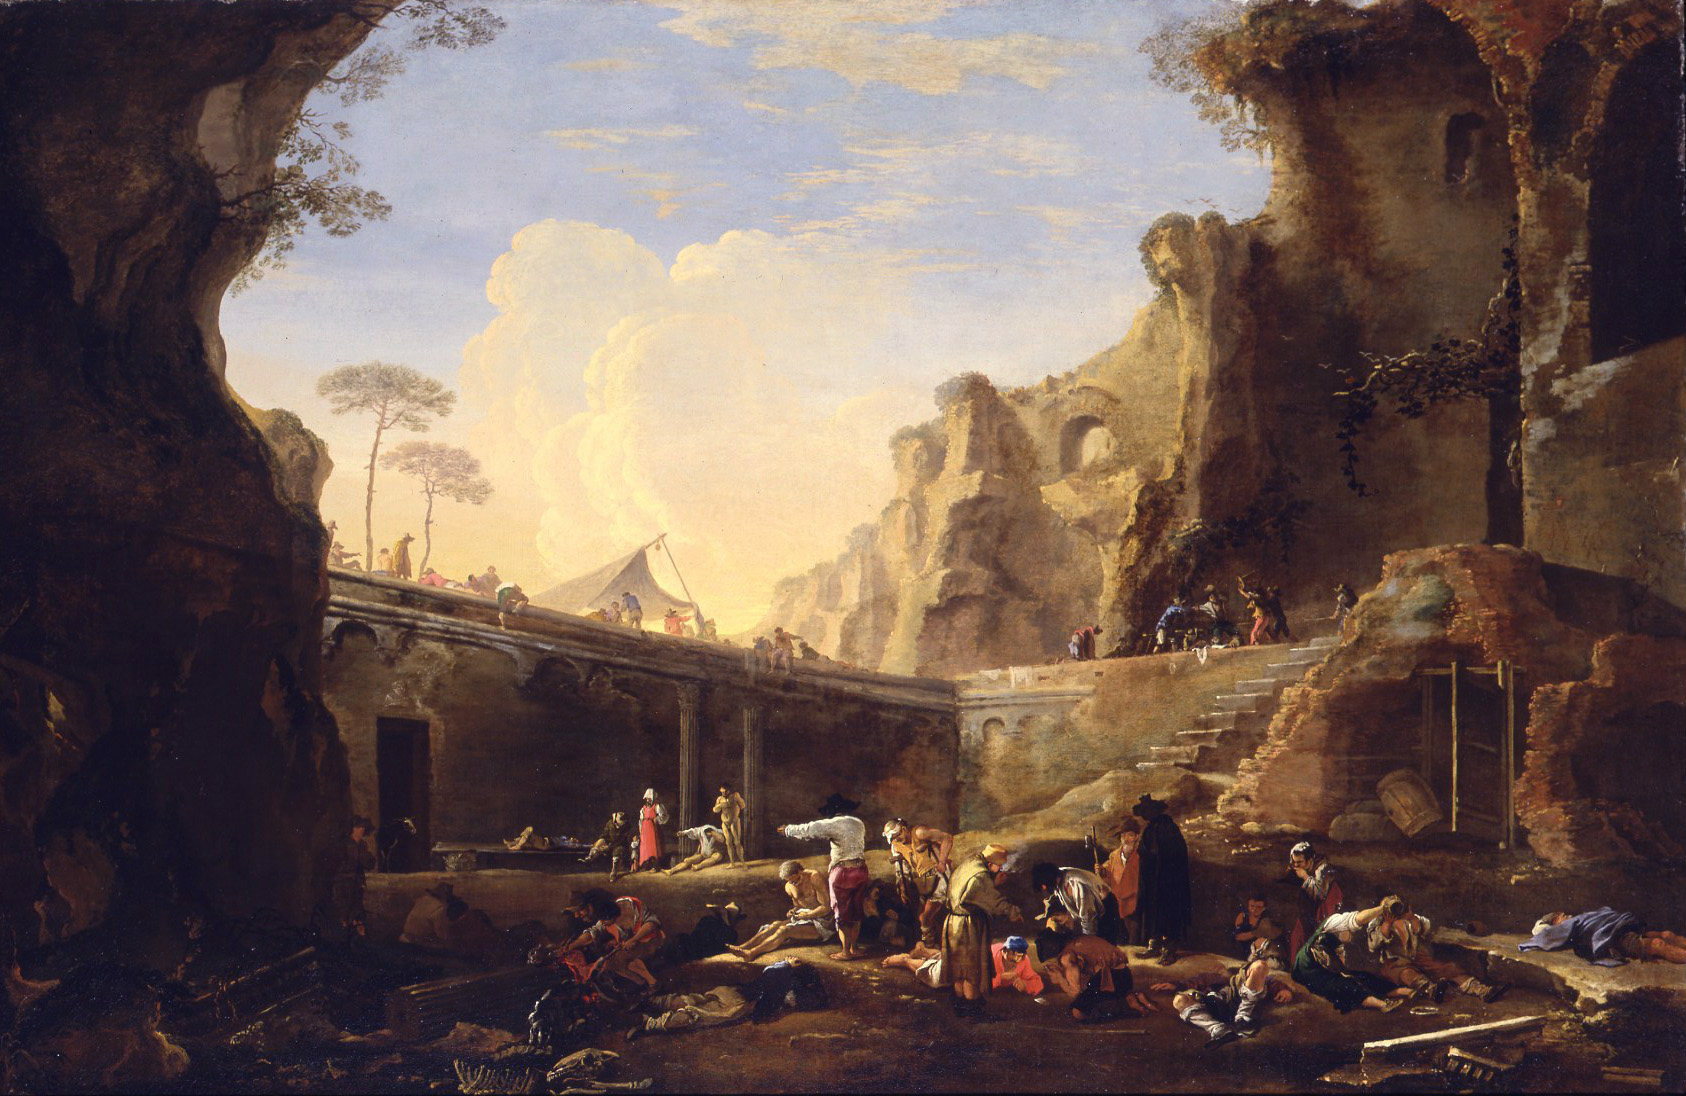 a Beggar's Encampment